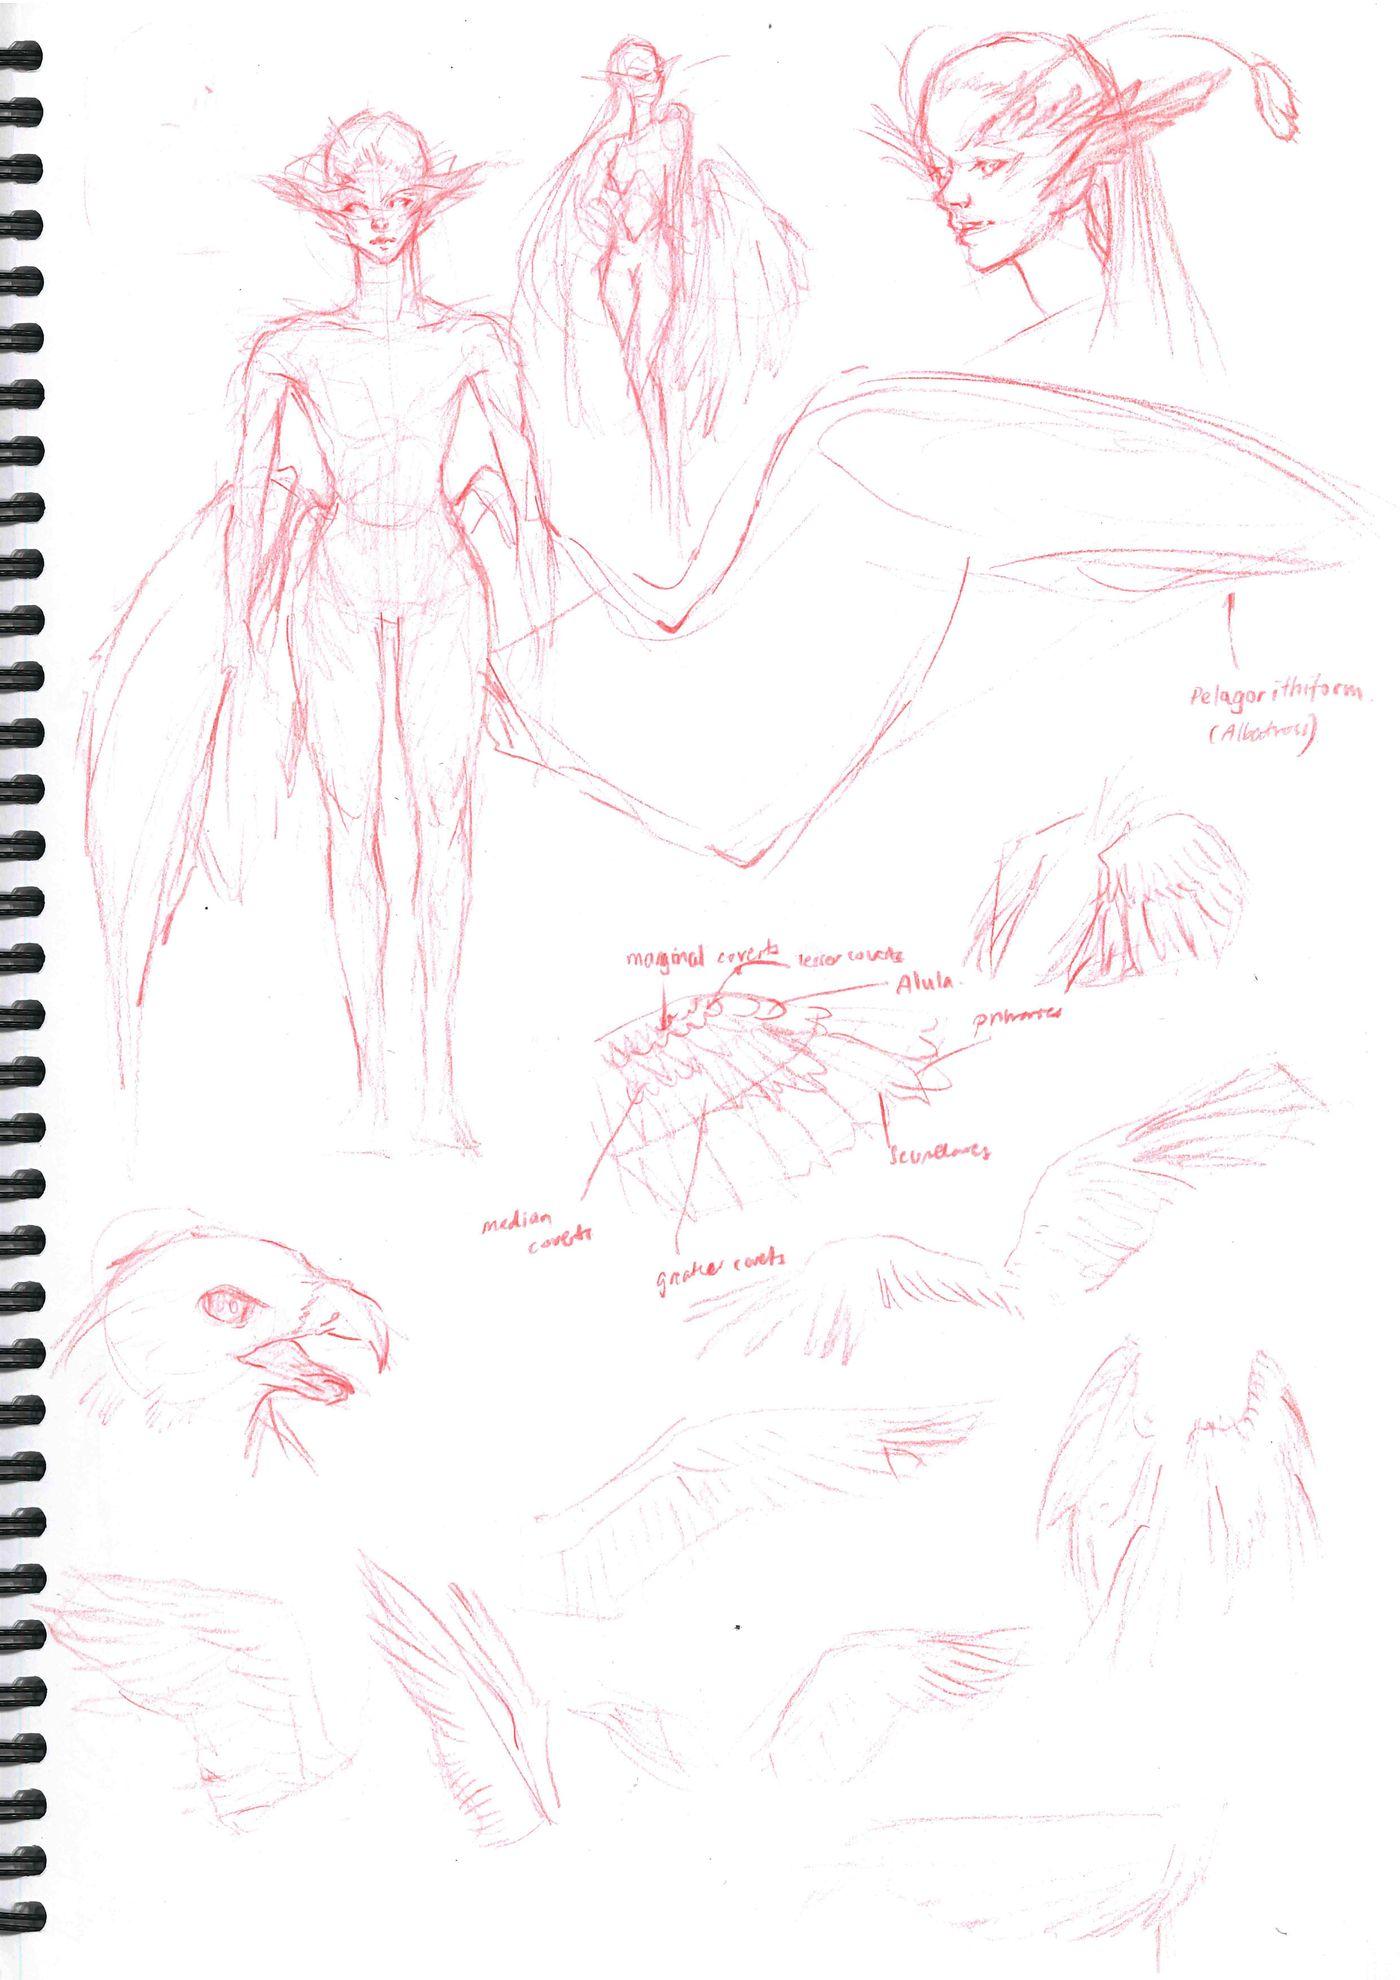 Sketchbook Page 10 Stephennjoto